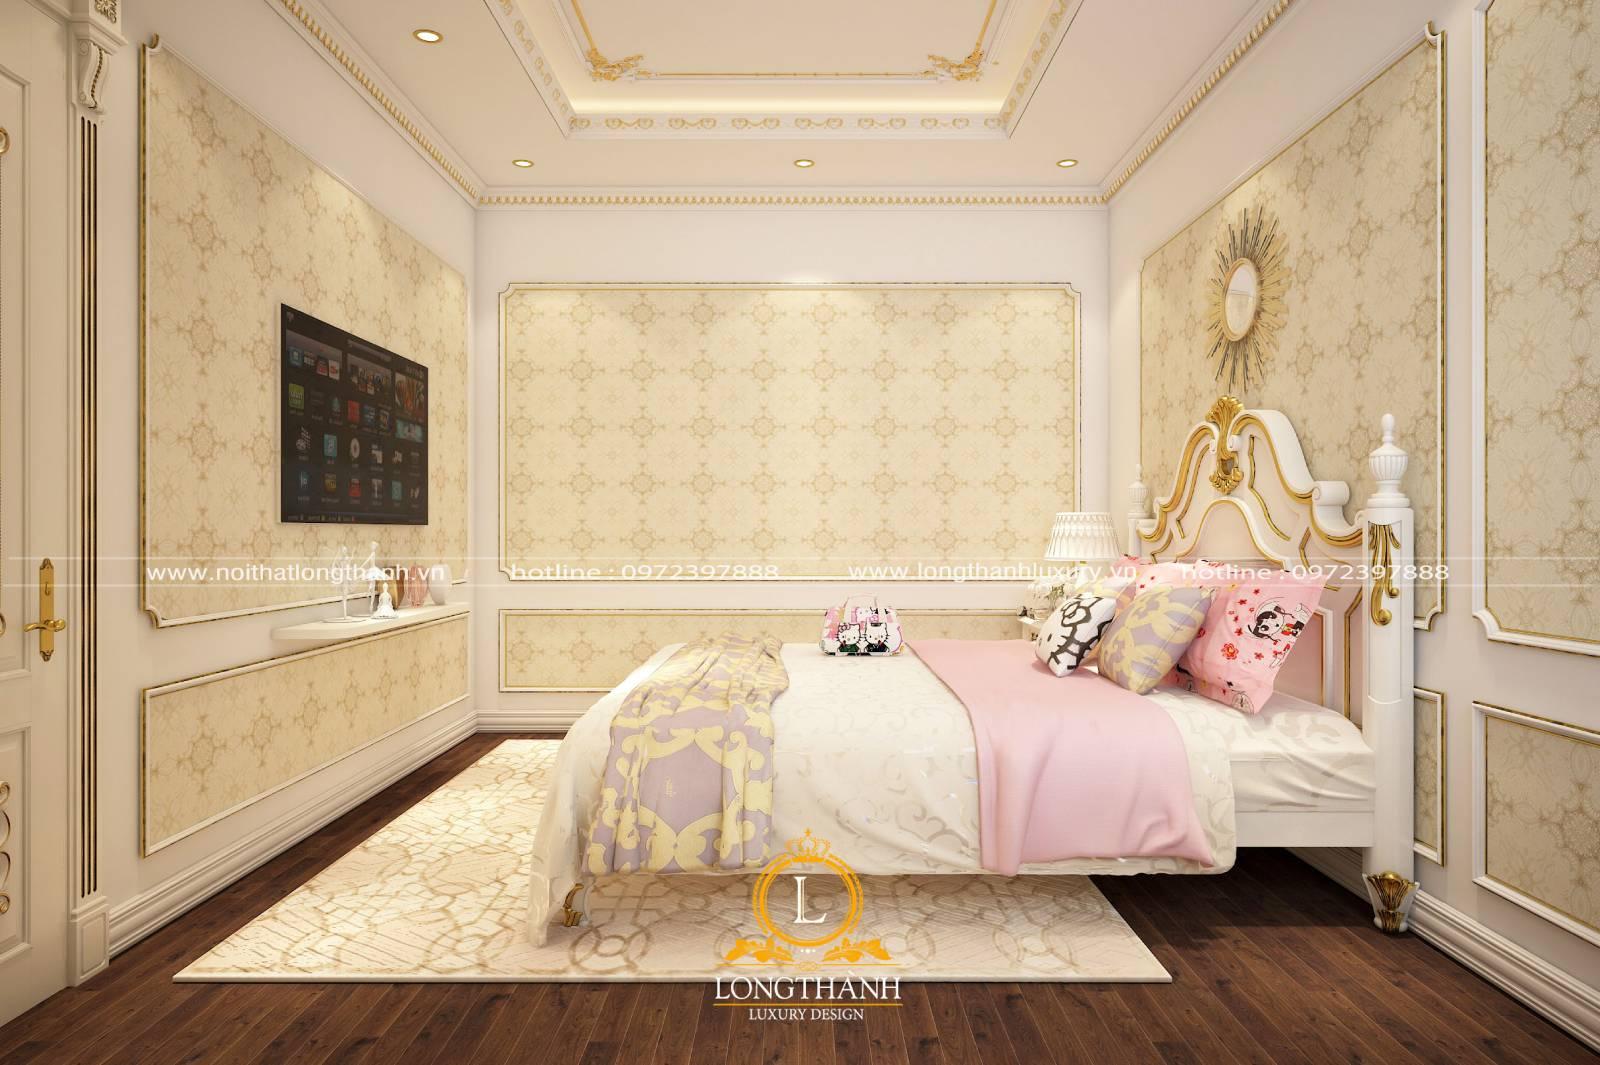 Nhẹ nhàng, tinh tế cùng mẫu phòng ngủ tân cổ điển